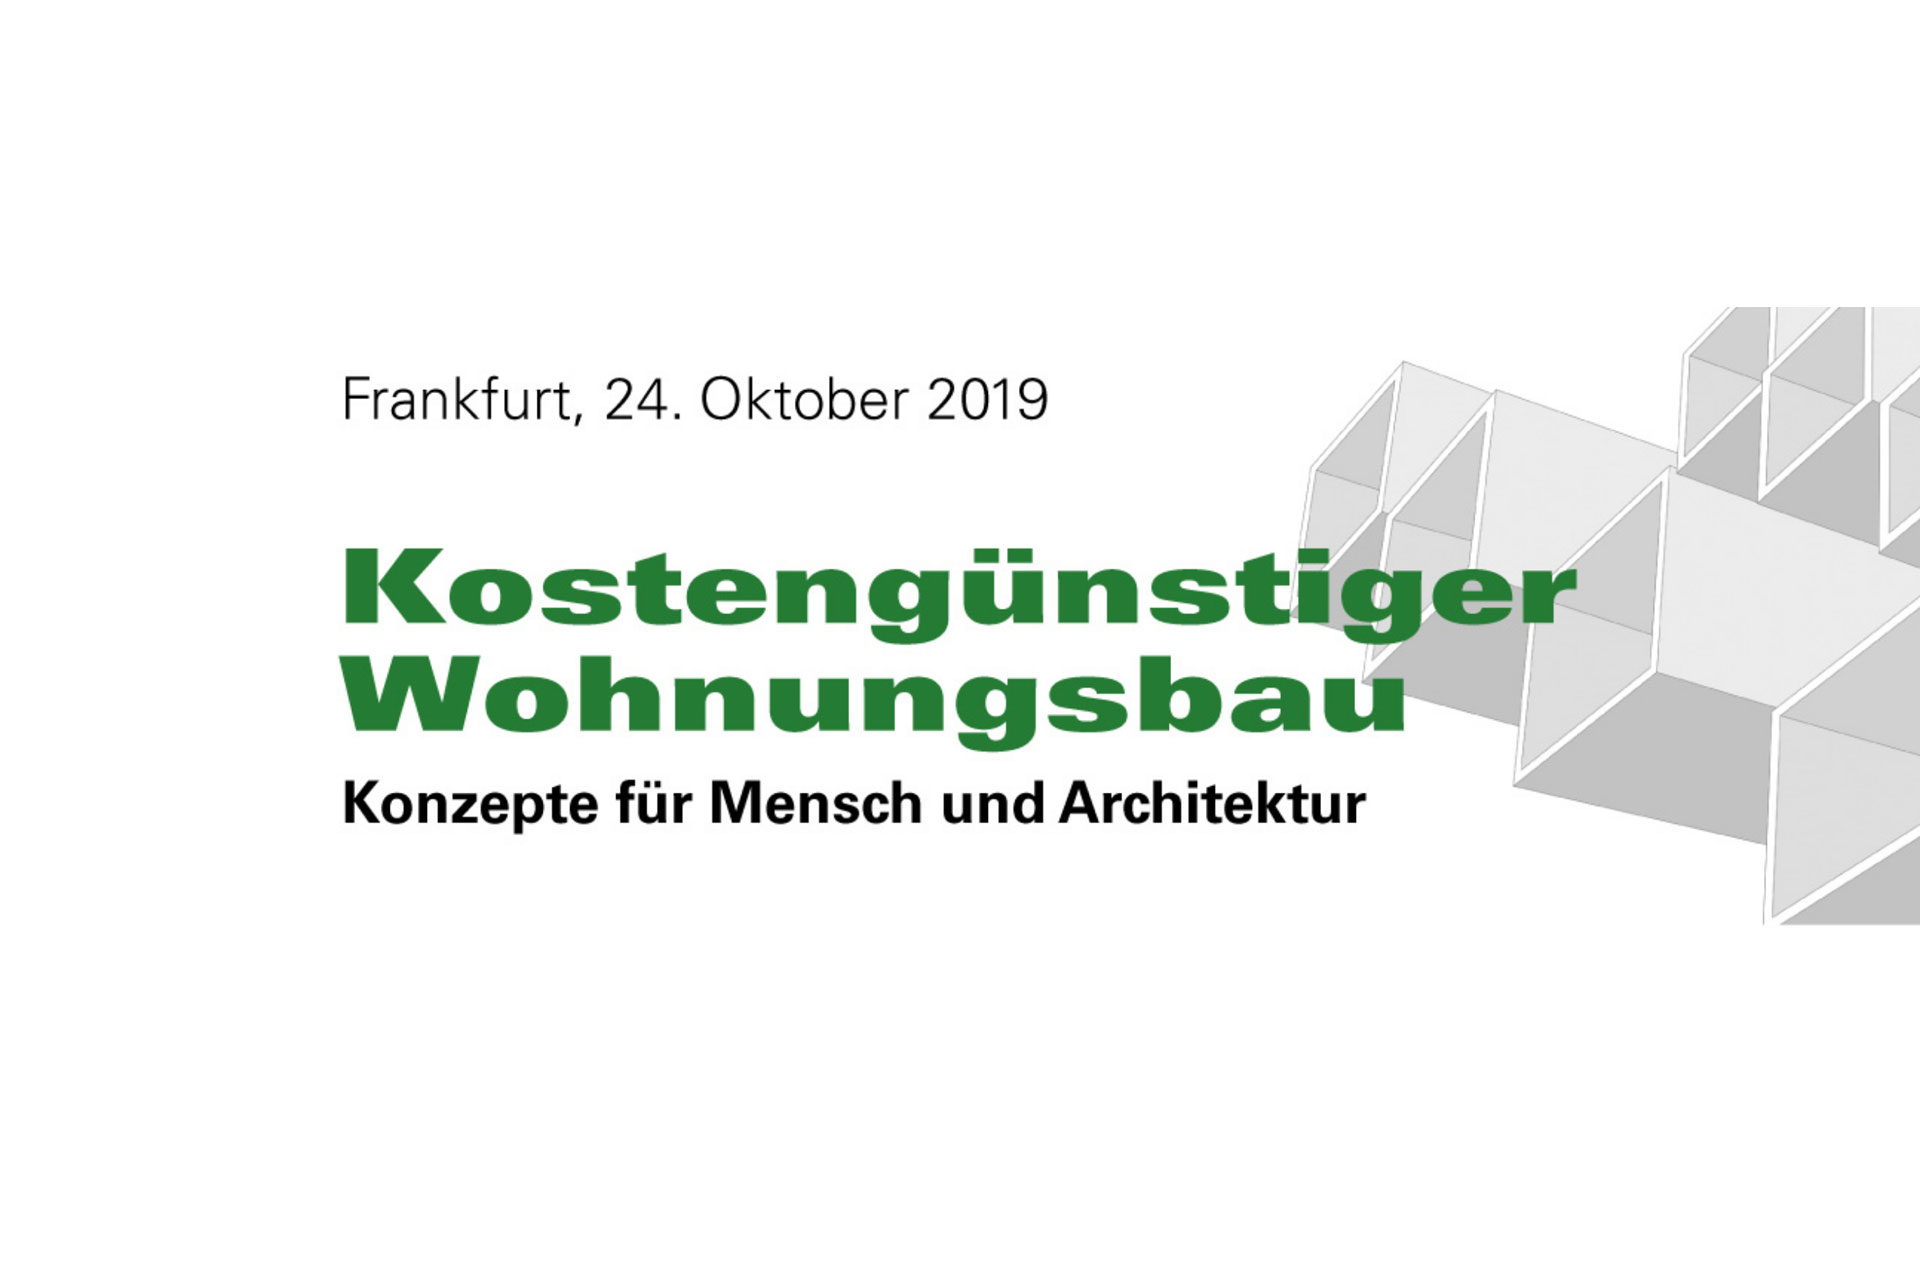 """Weiterbildung """"Kostengünstiger Wohnungsbau"""" in Frankfurt"""